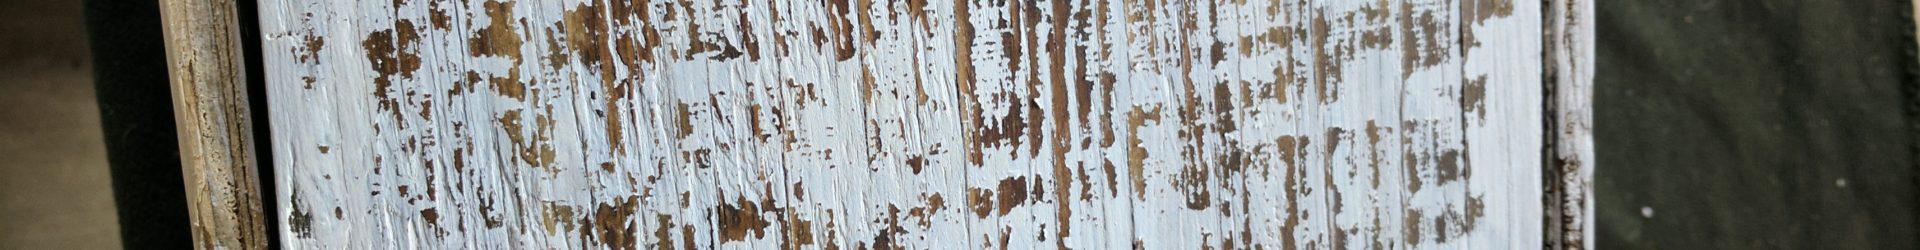 Peeling paint effect Part 2